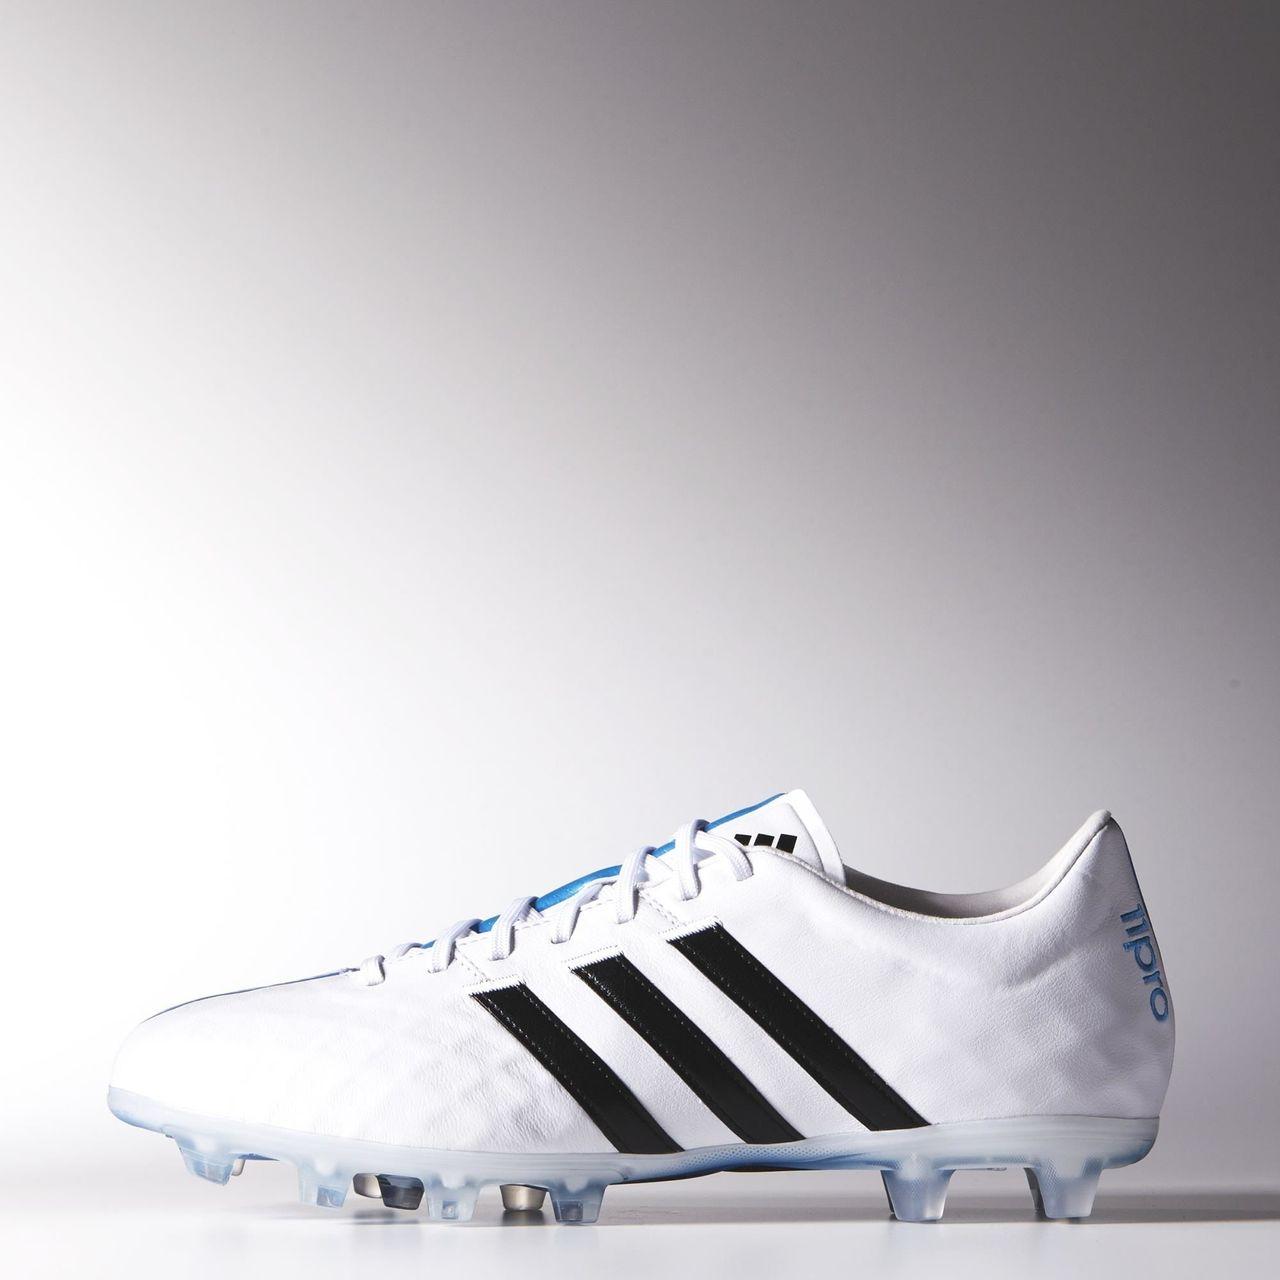 7bd98dde4d5 Adidas 11 Pro FG Boots - Ftwr White   Core Black   Solar Blue ...